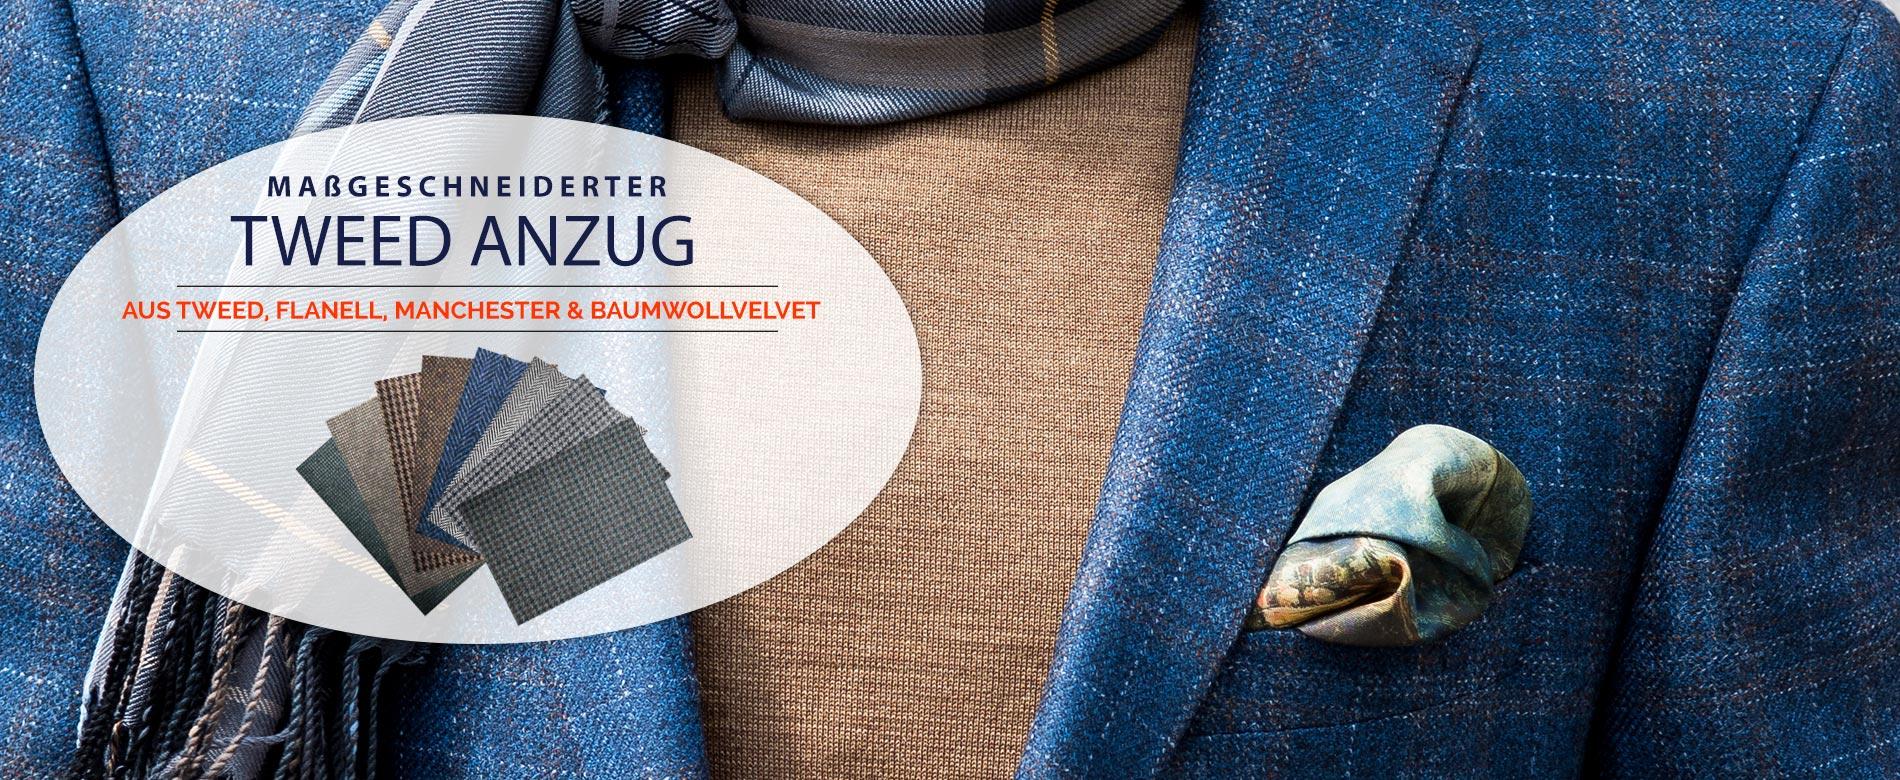 Tweed Anzug: Maßgeschneiderte Tweed Anzüge online kaufen!